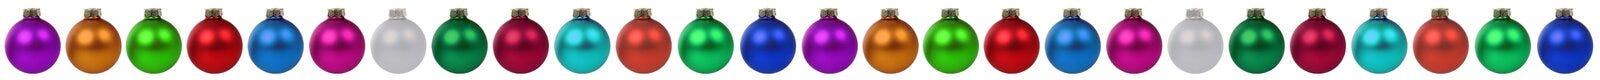 Isolador colorido da decoração das quinquilharias das bolas da beira do Natal em seguido Foto de Stock